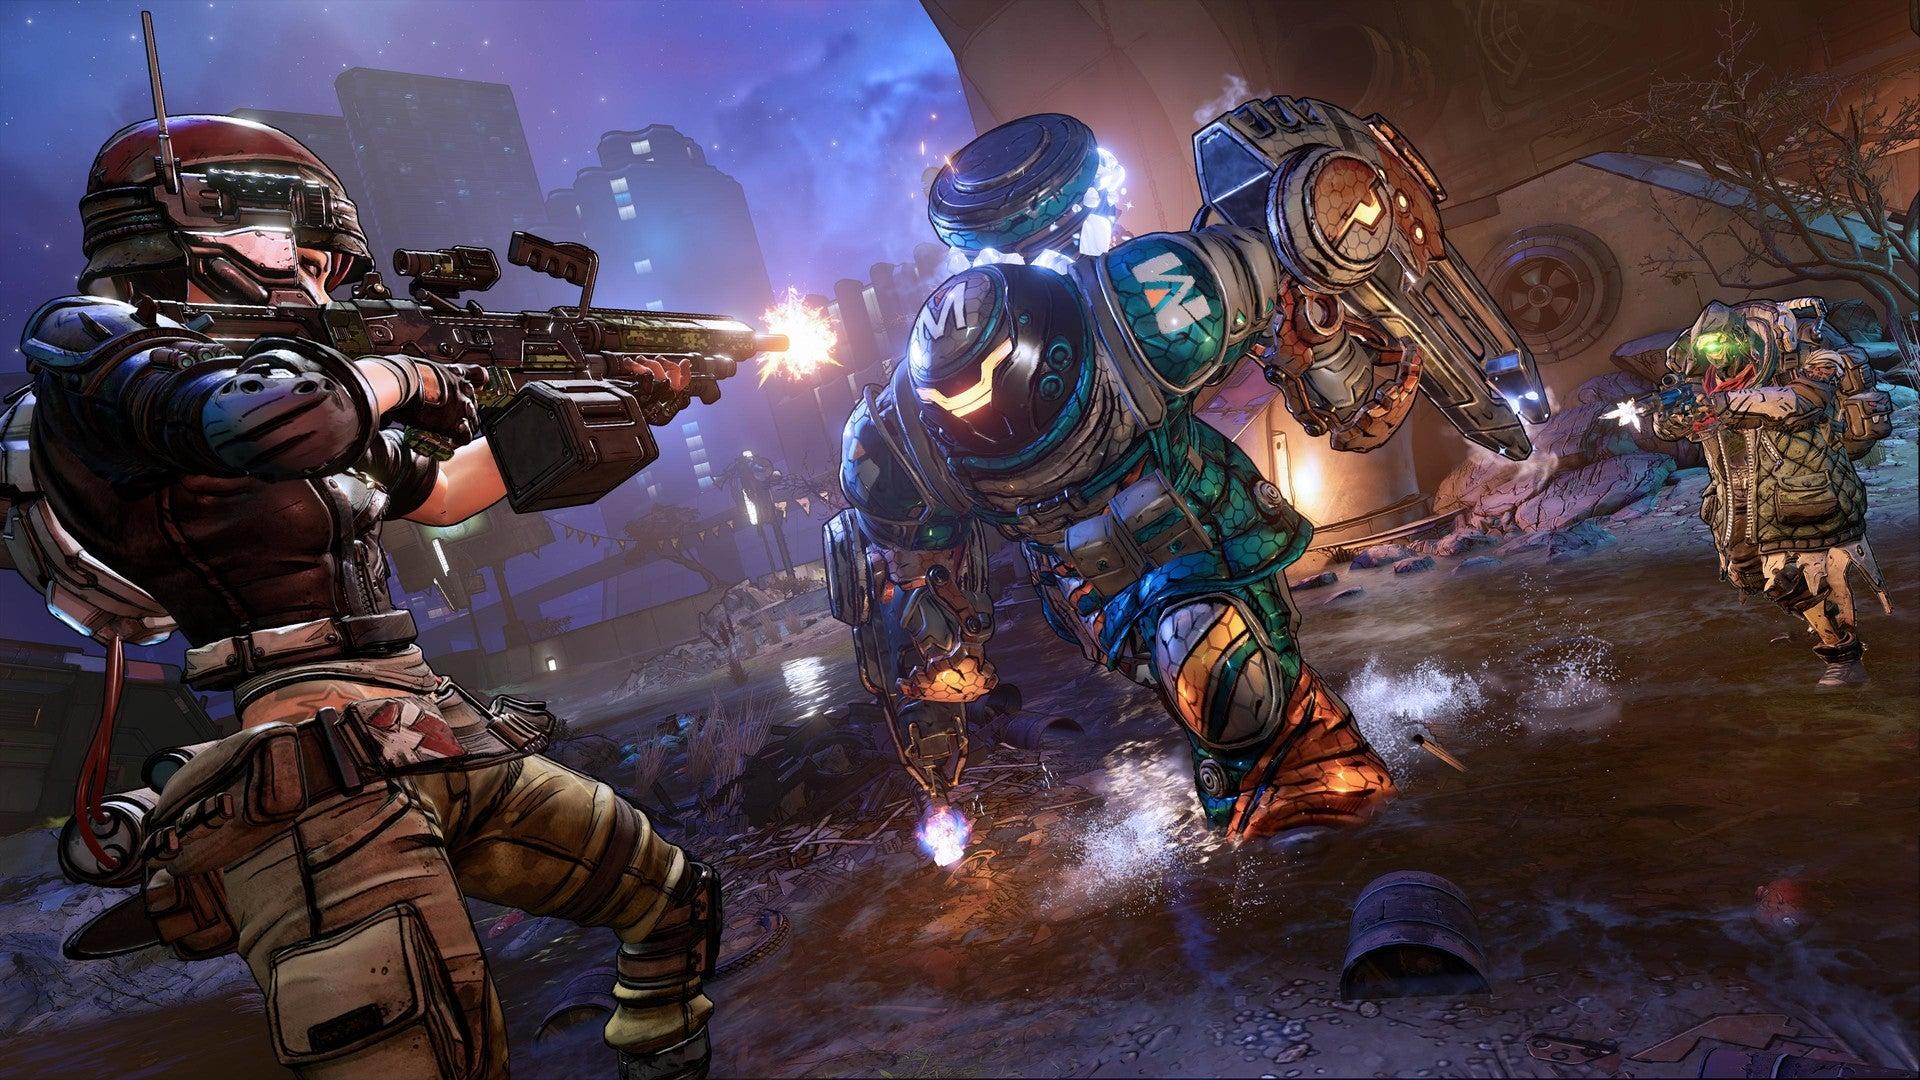 Sources: Despite Huge Sales, Borderlands 3 Developers Are Getting Stiffed On Bonuses